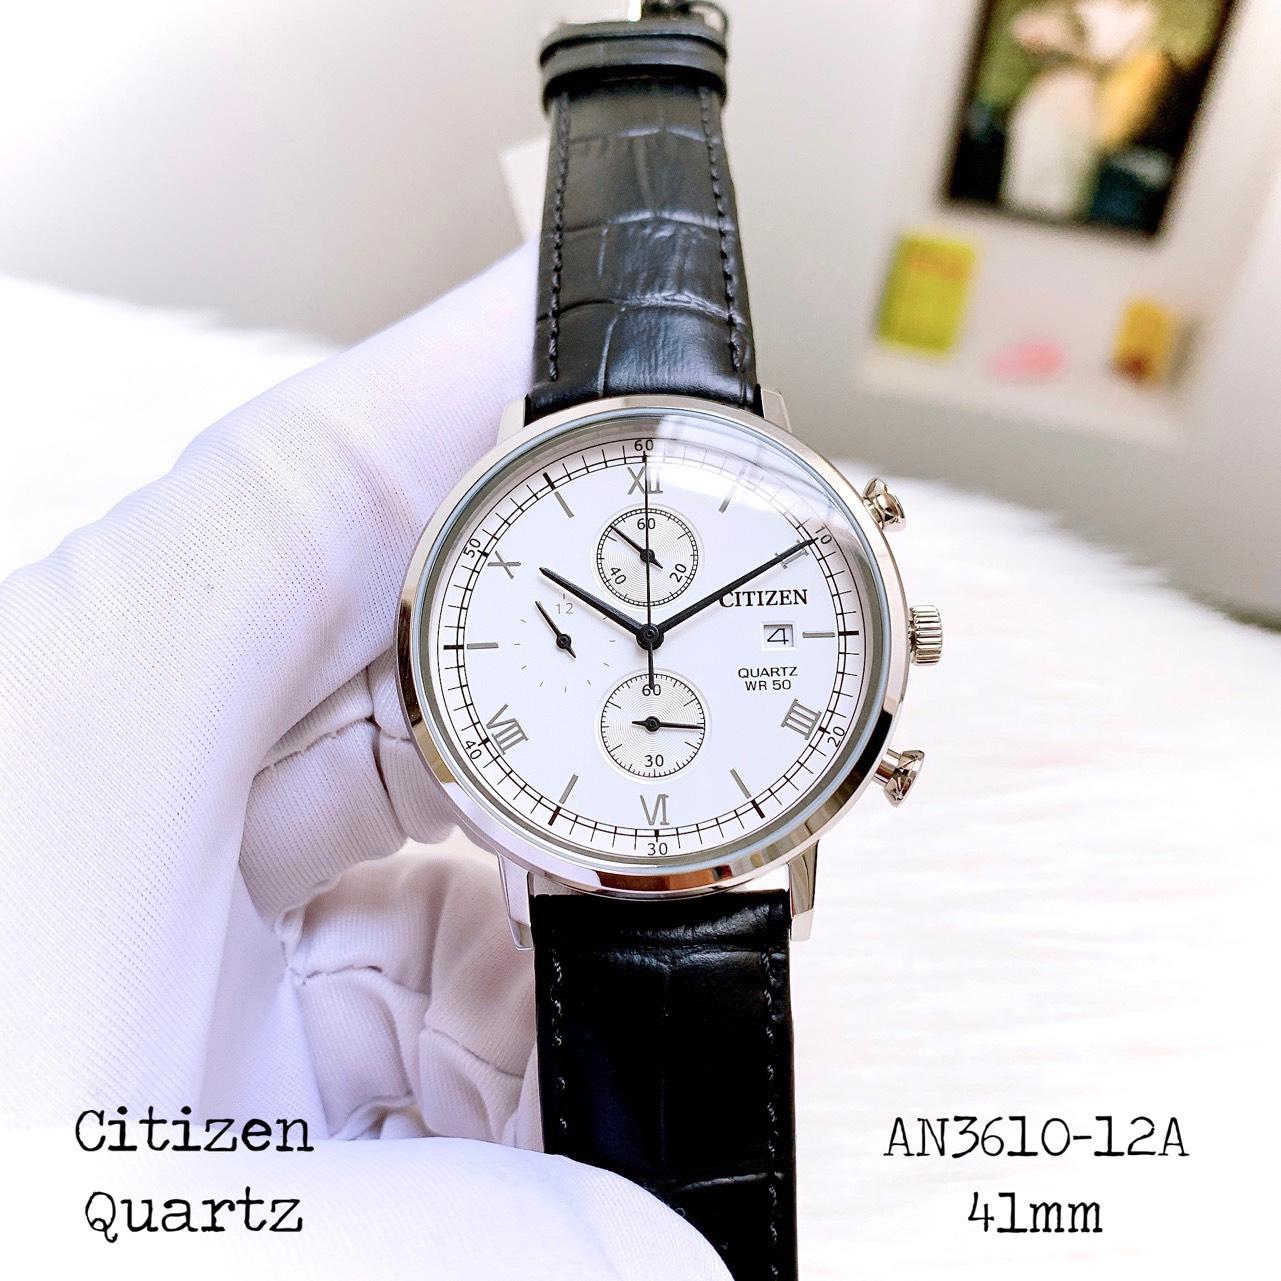 Citizen AN3610-12A